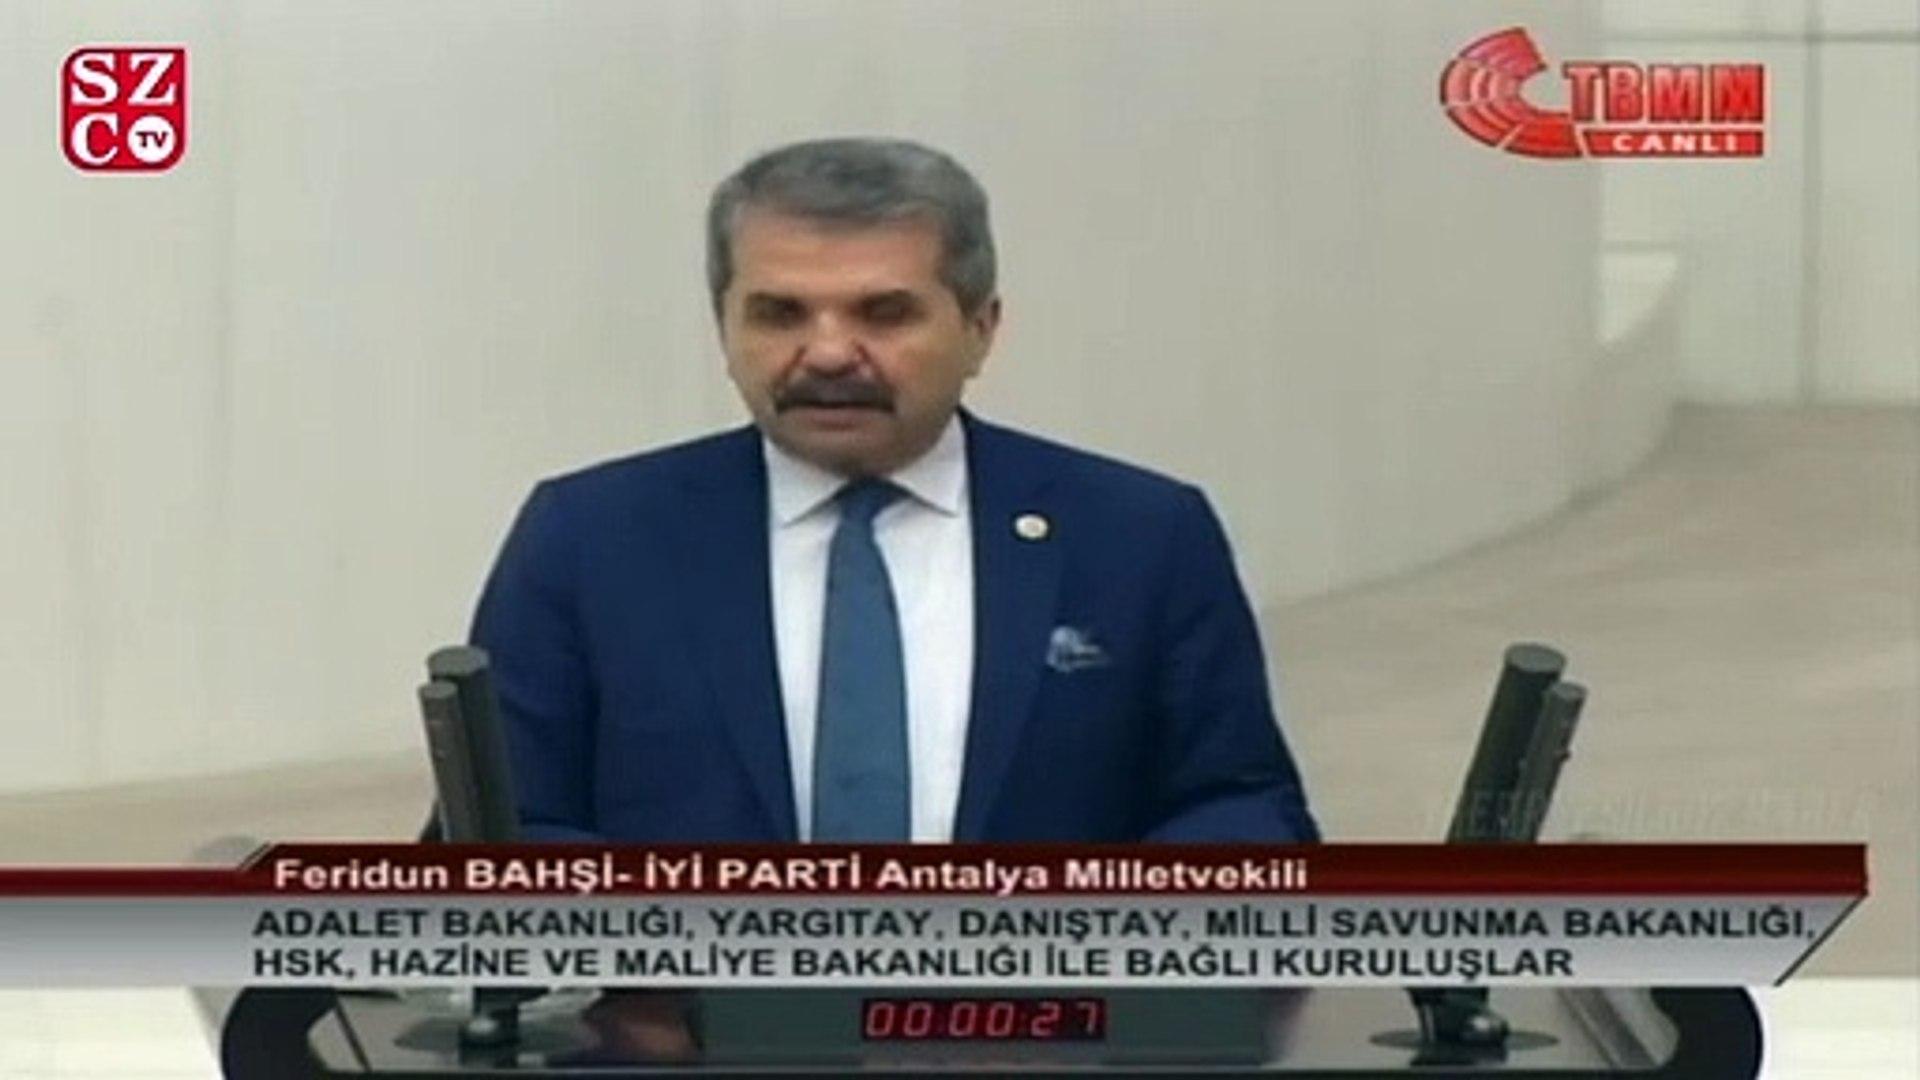 İYİ Partili Bahşi: Savcılar duruşmadan önce SMS'le talimat alıyor -  Dailymotion Video